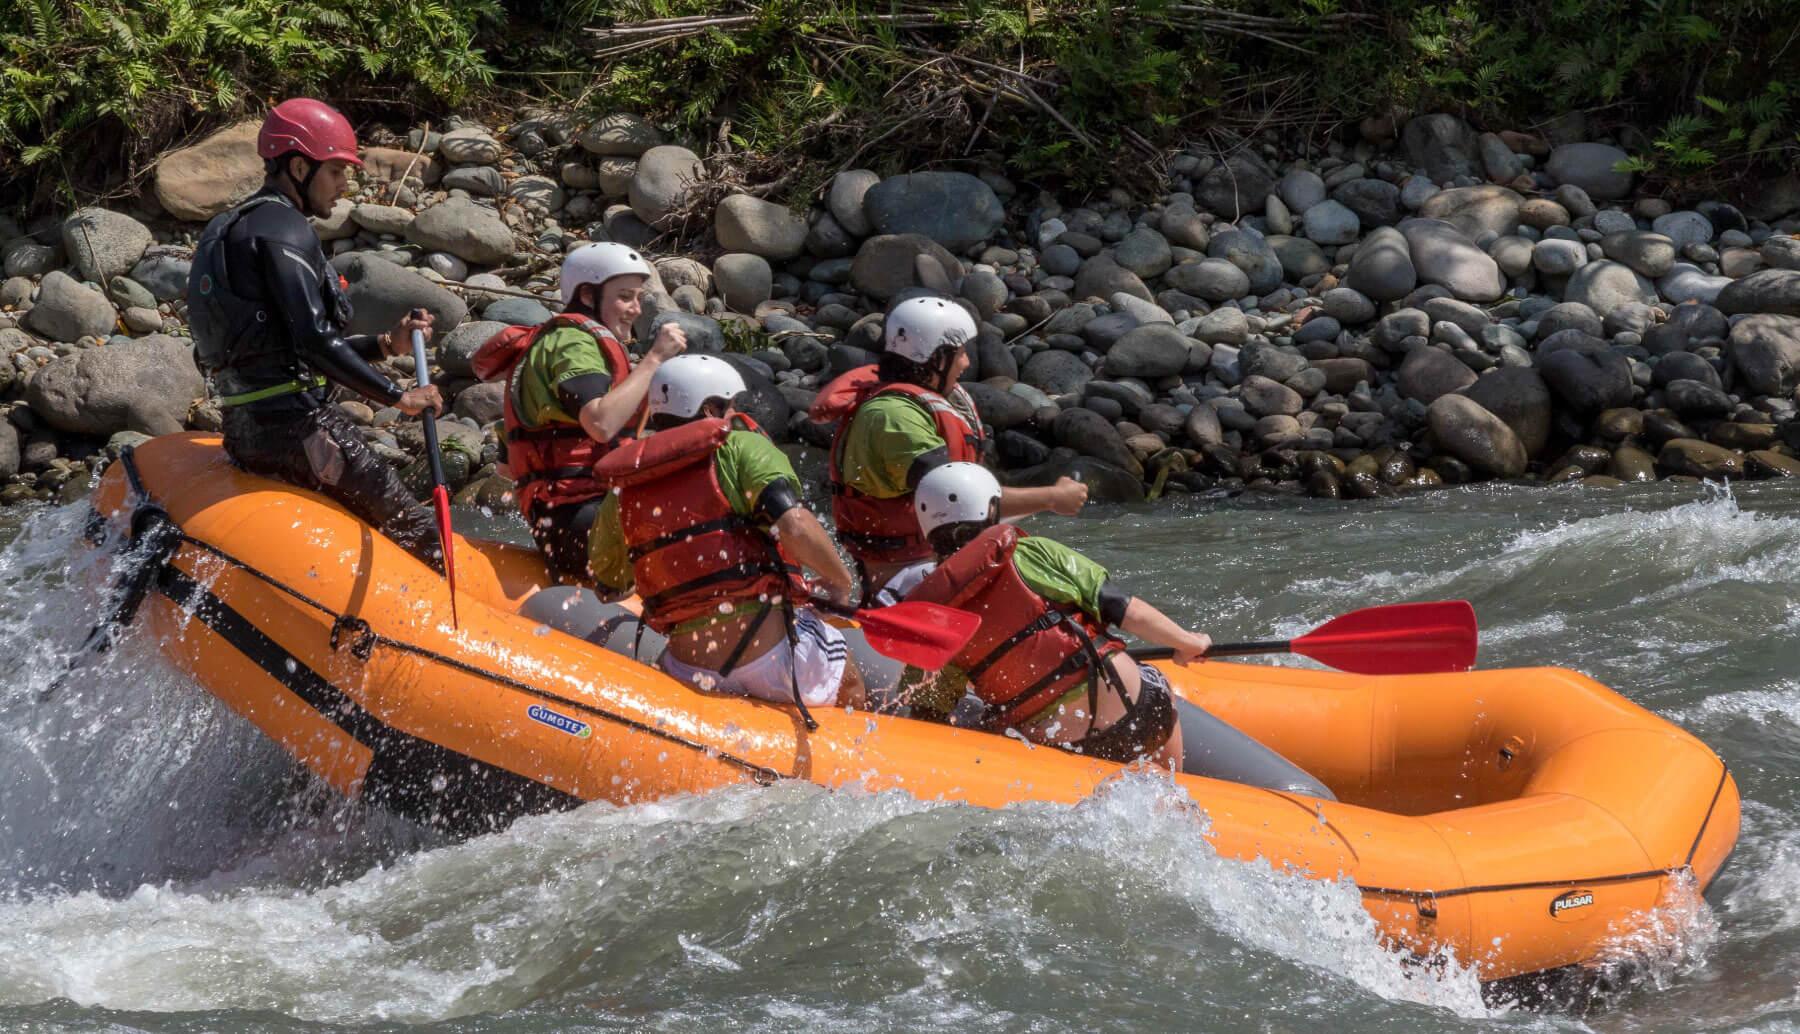 Rafting in Jatunyacu river